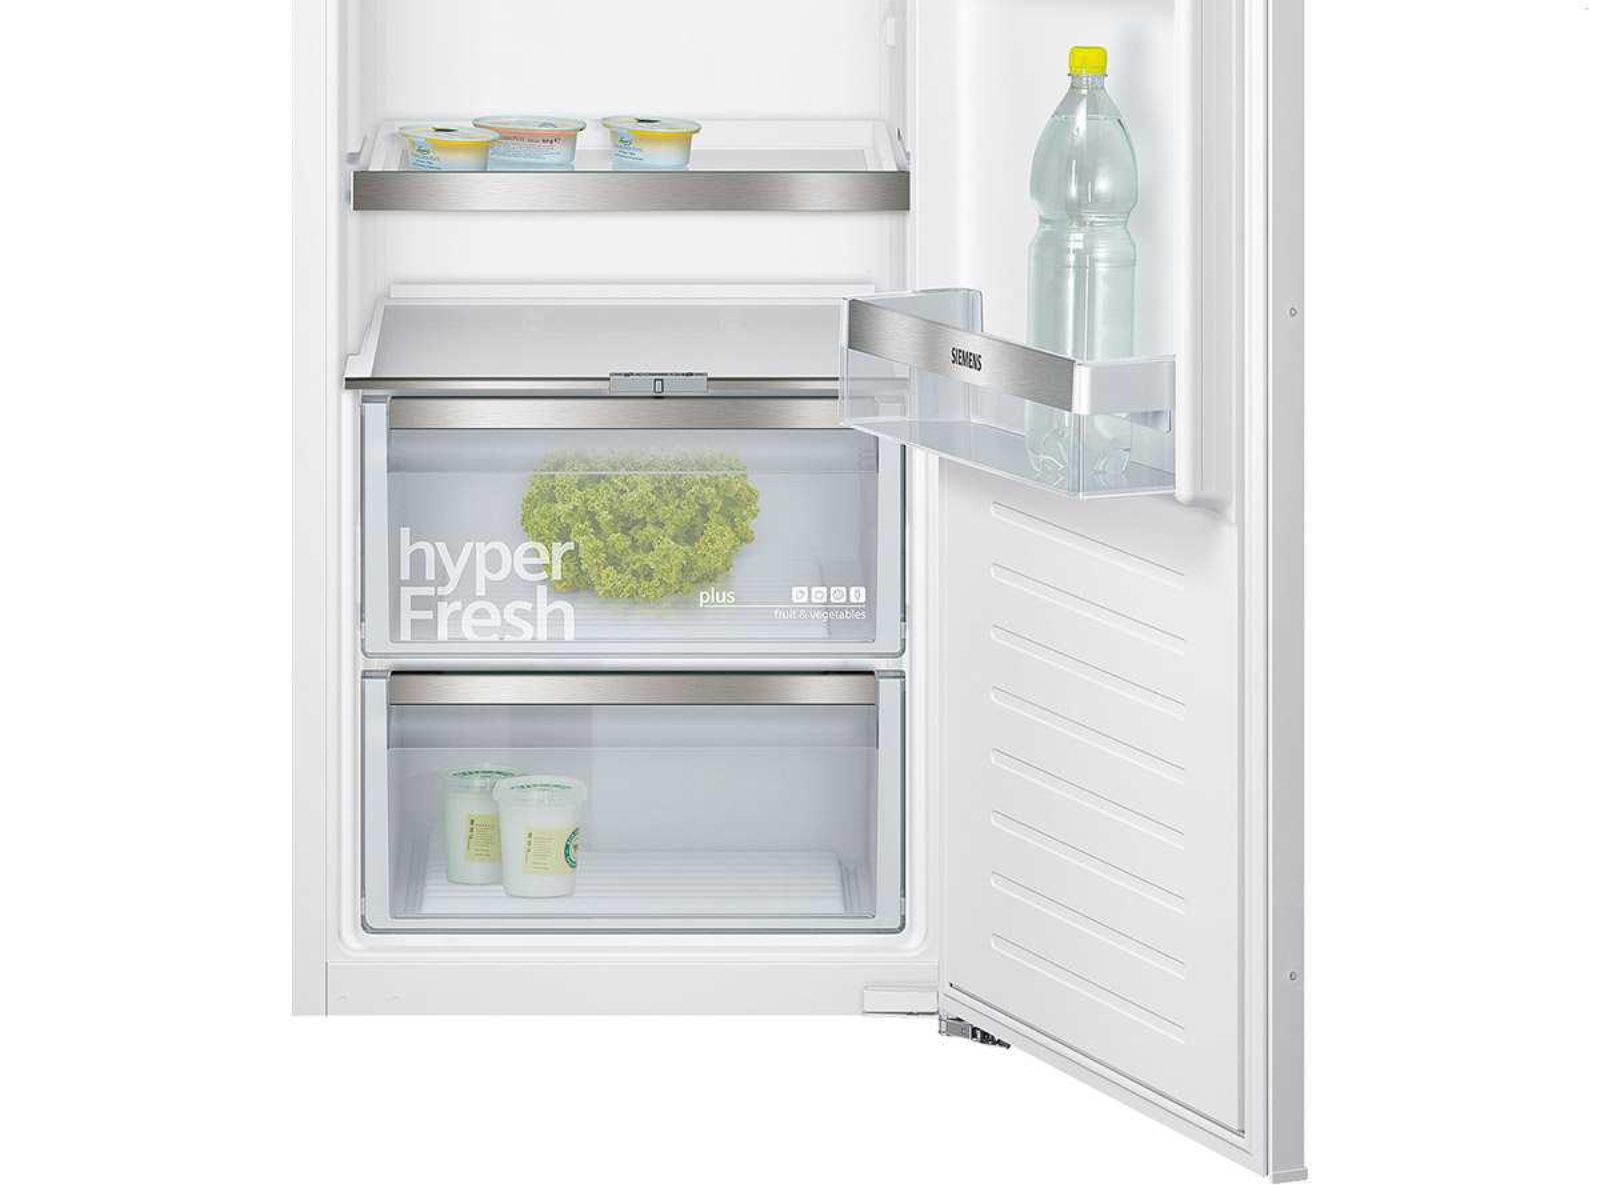 Siemens Kühlschrank Datenblatt : Siemens ki lad einbaukühlschrank